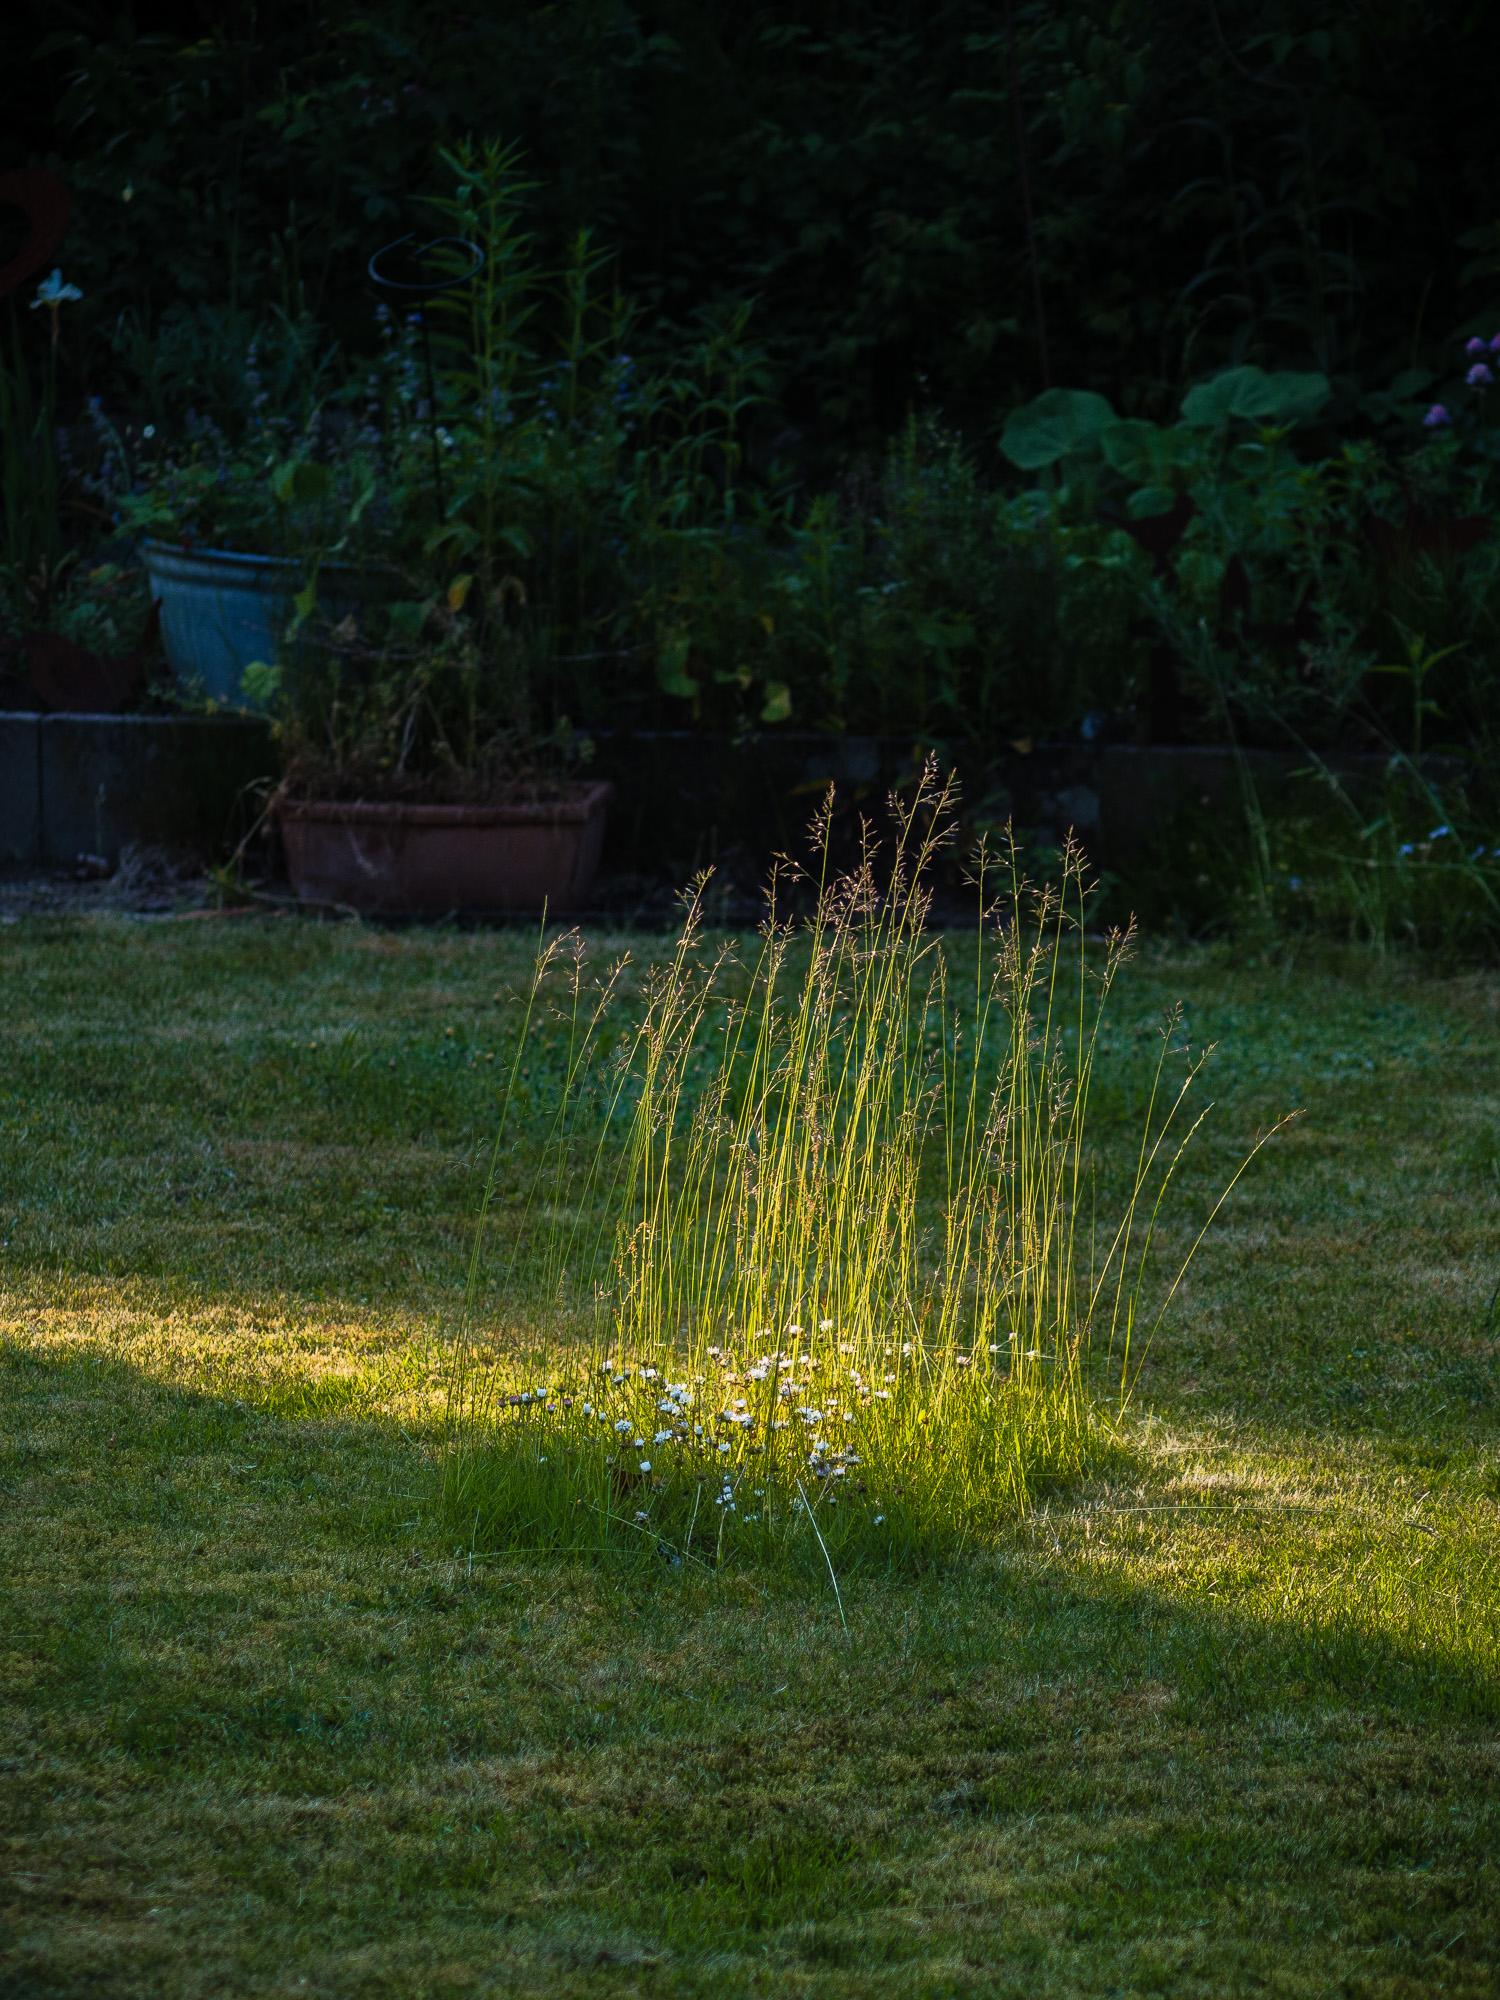 Gänseblümcheninsel mit hohem Gras in ansonsten frisch gemähtem Rasen